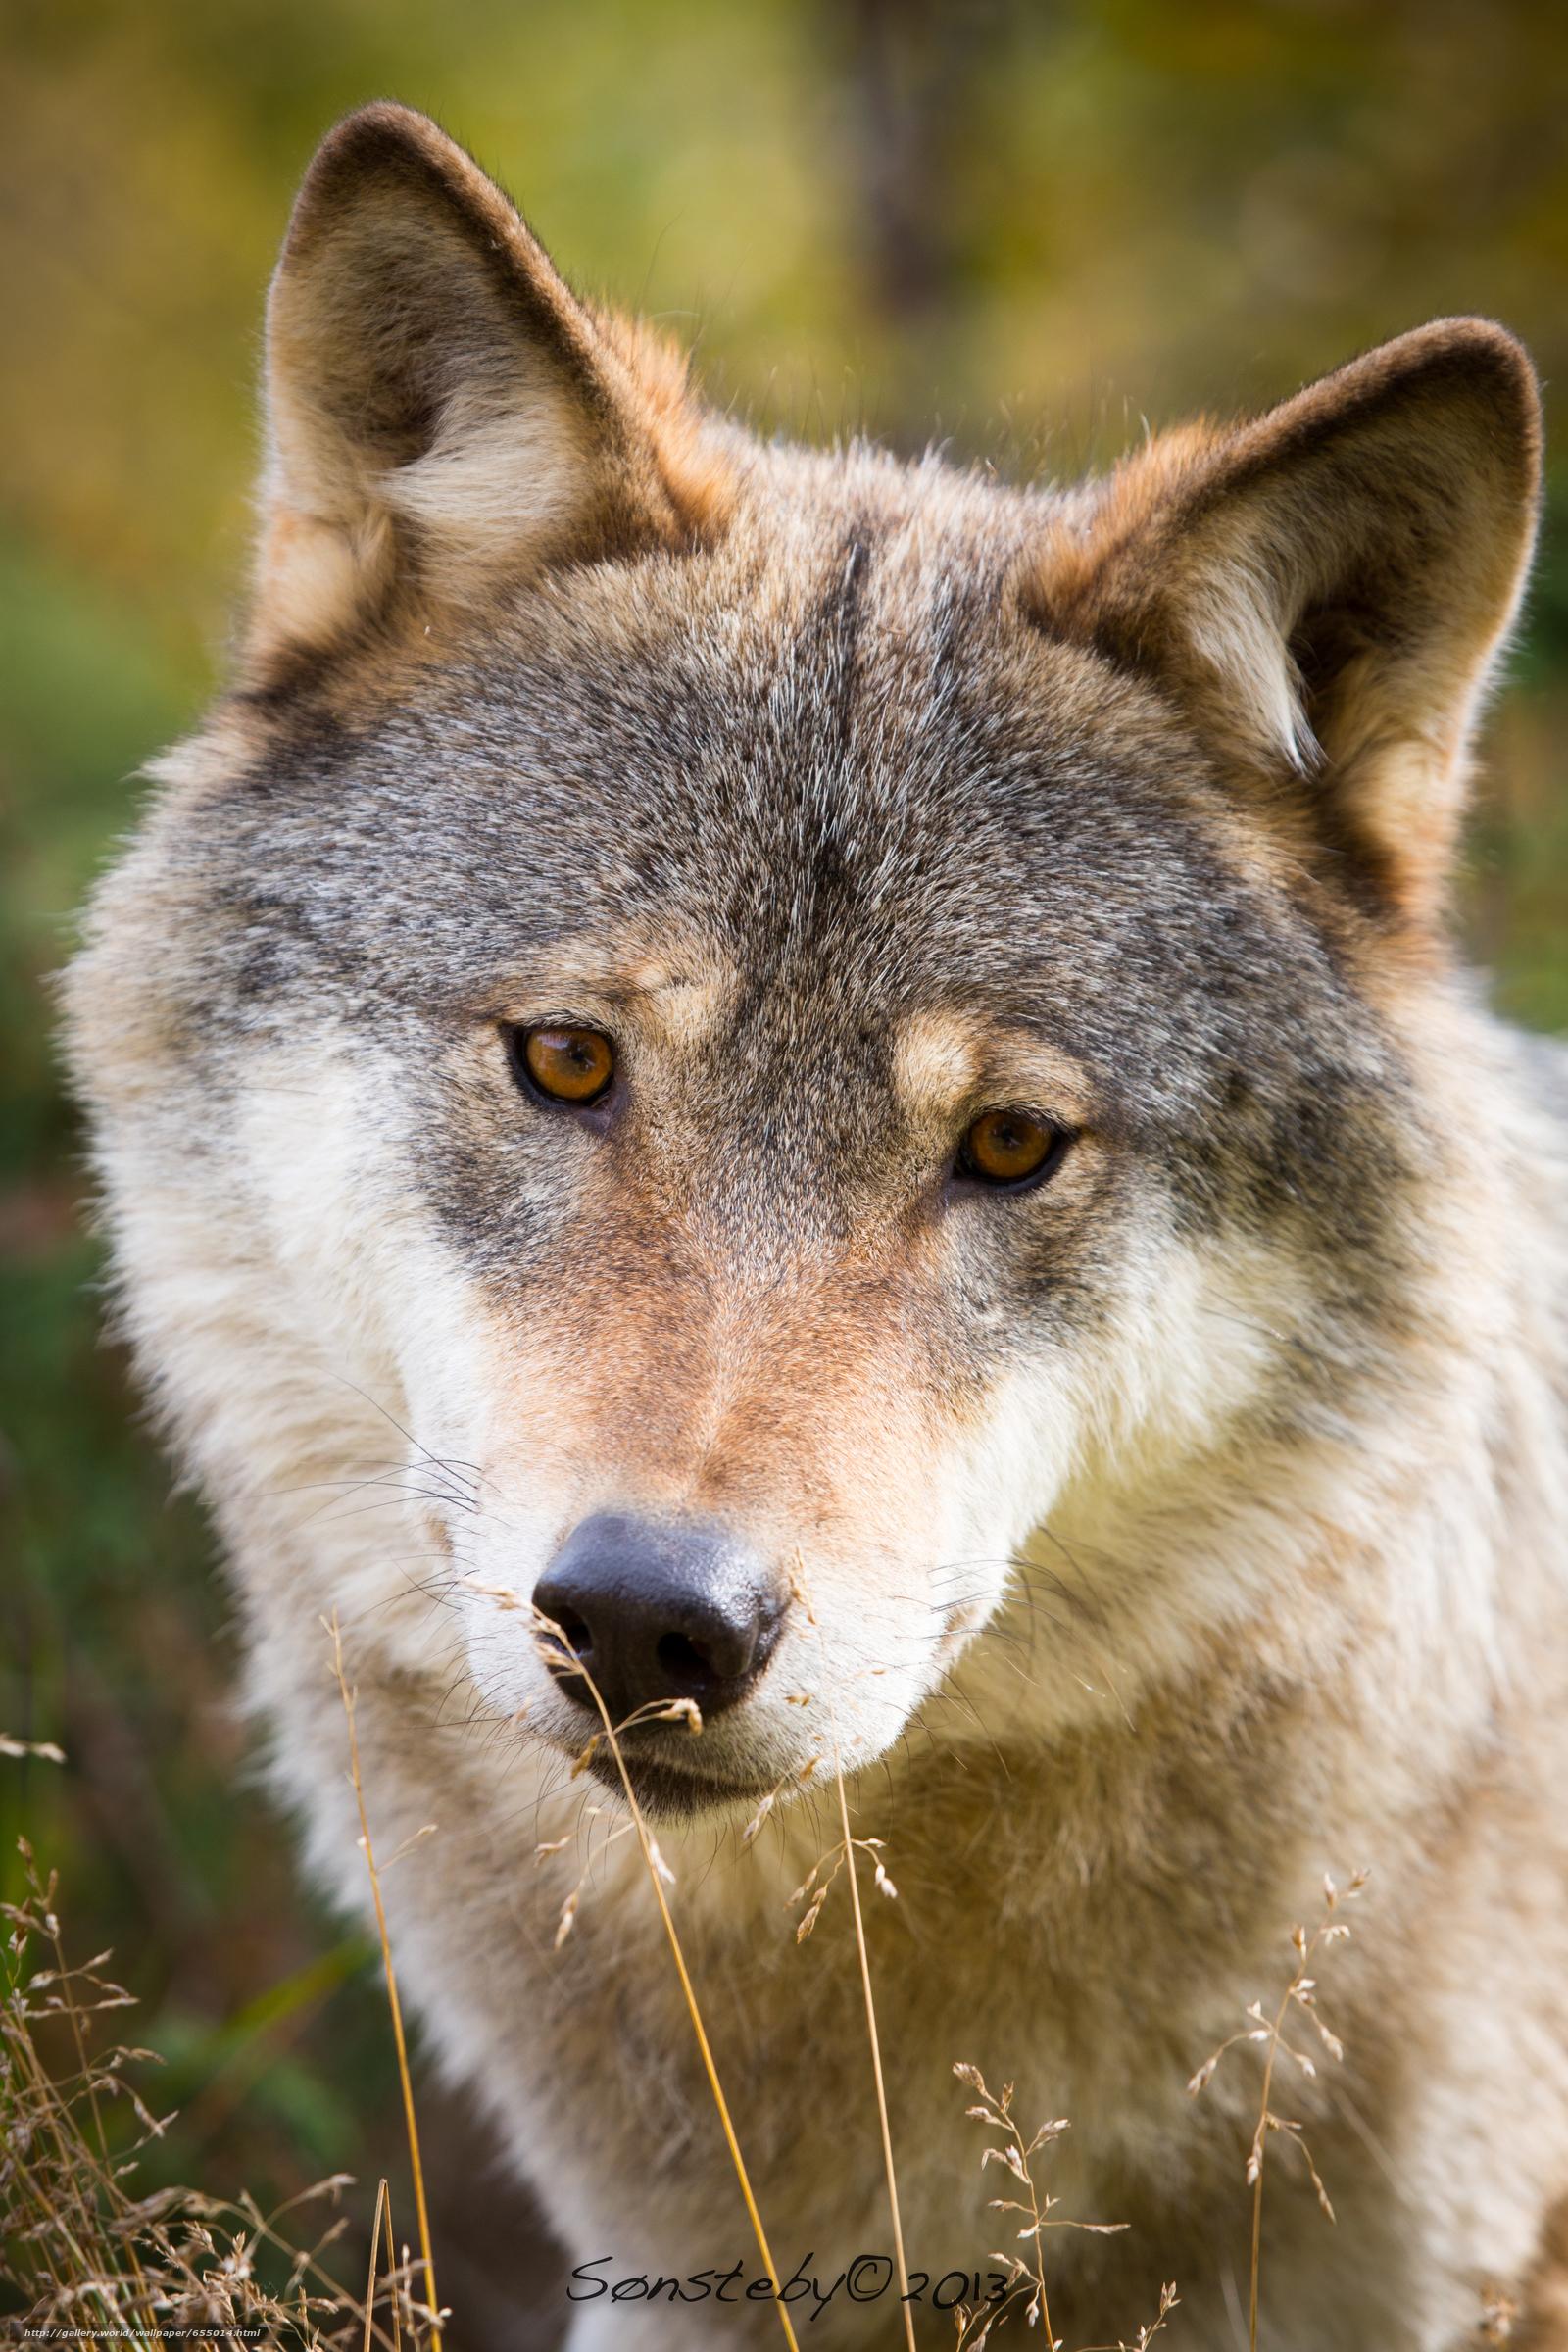 Tlcharger Fond d'ecran loup,  Wolves,  animaux,  portrait Fonds d'ecran gratuits pour votre rsolution du bureau 3840x5760 — image №655014